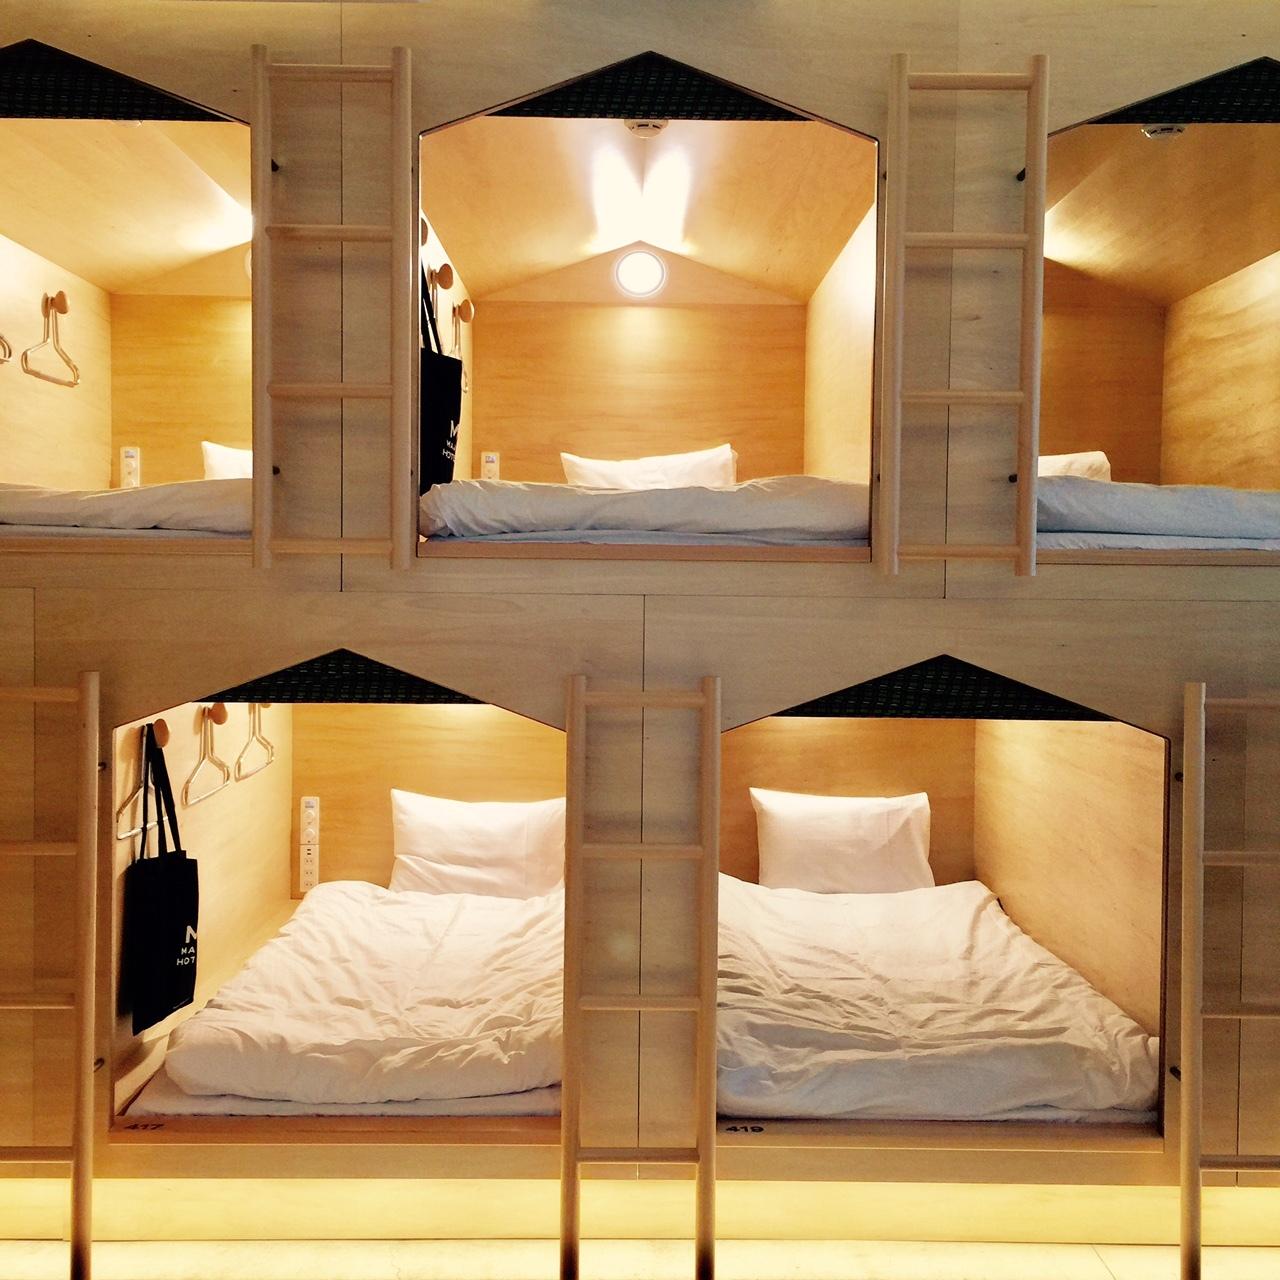 京都にできた北欧スタイルの宿、MAJA HOTEL KYOTOに泊まる!_1_2